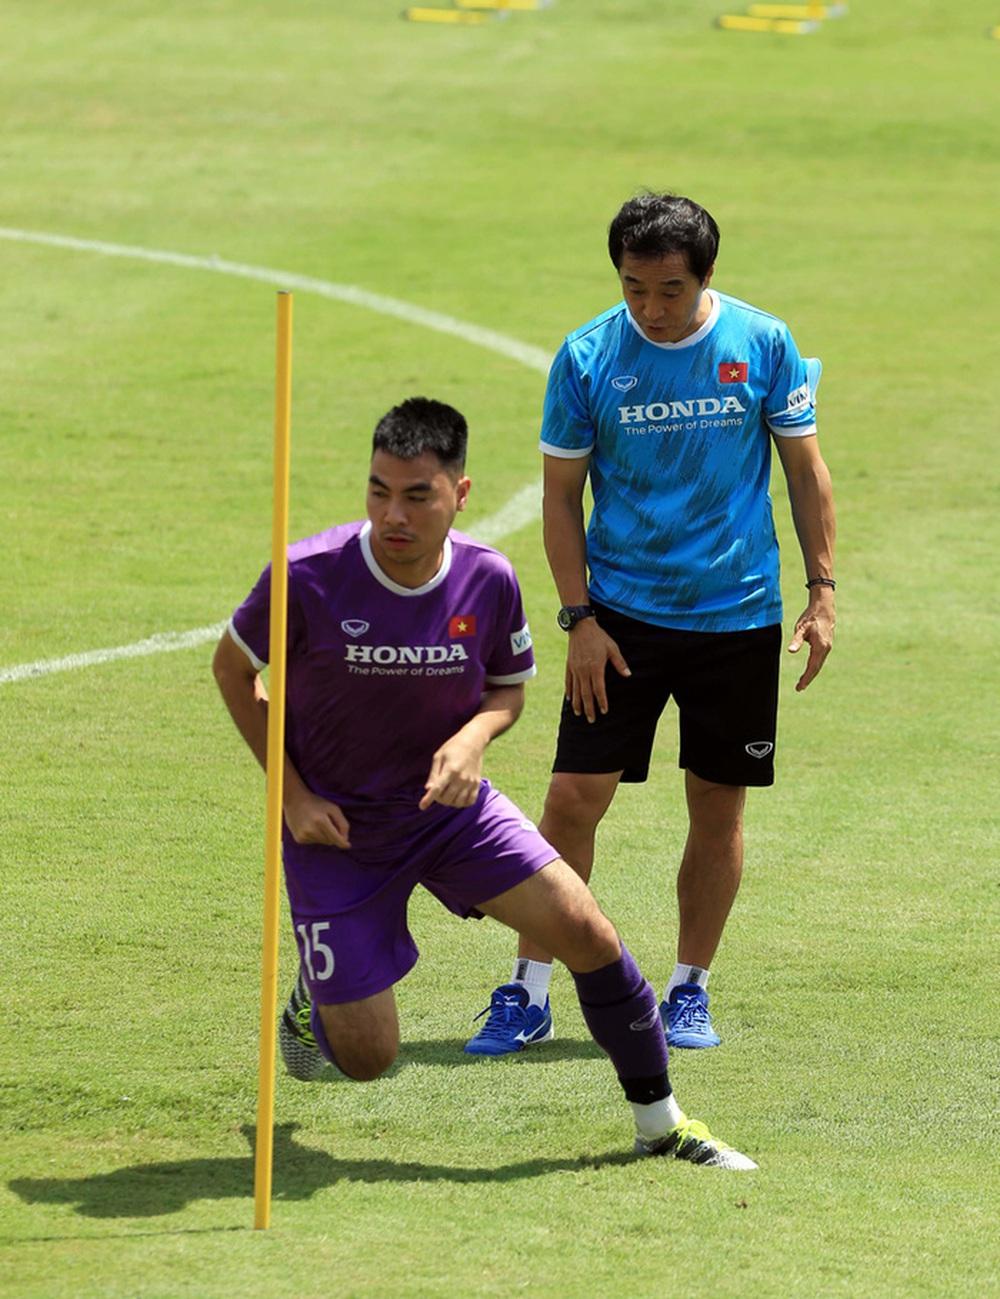 HLV Park Hang-seo bổ sung 2 cầu thủ U22 Việt Nam lên đội tuyển quốc gia - Ảnh 6.